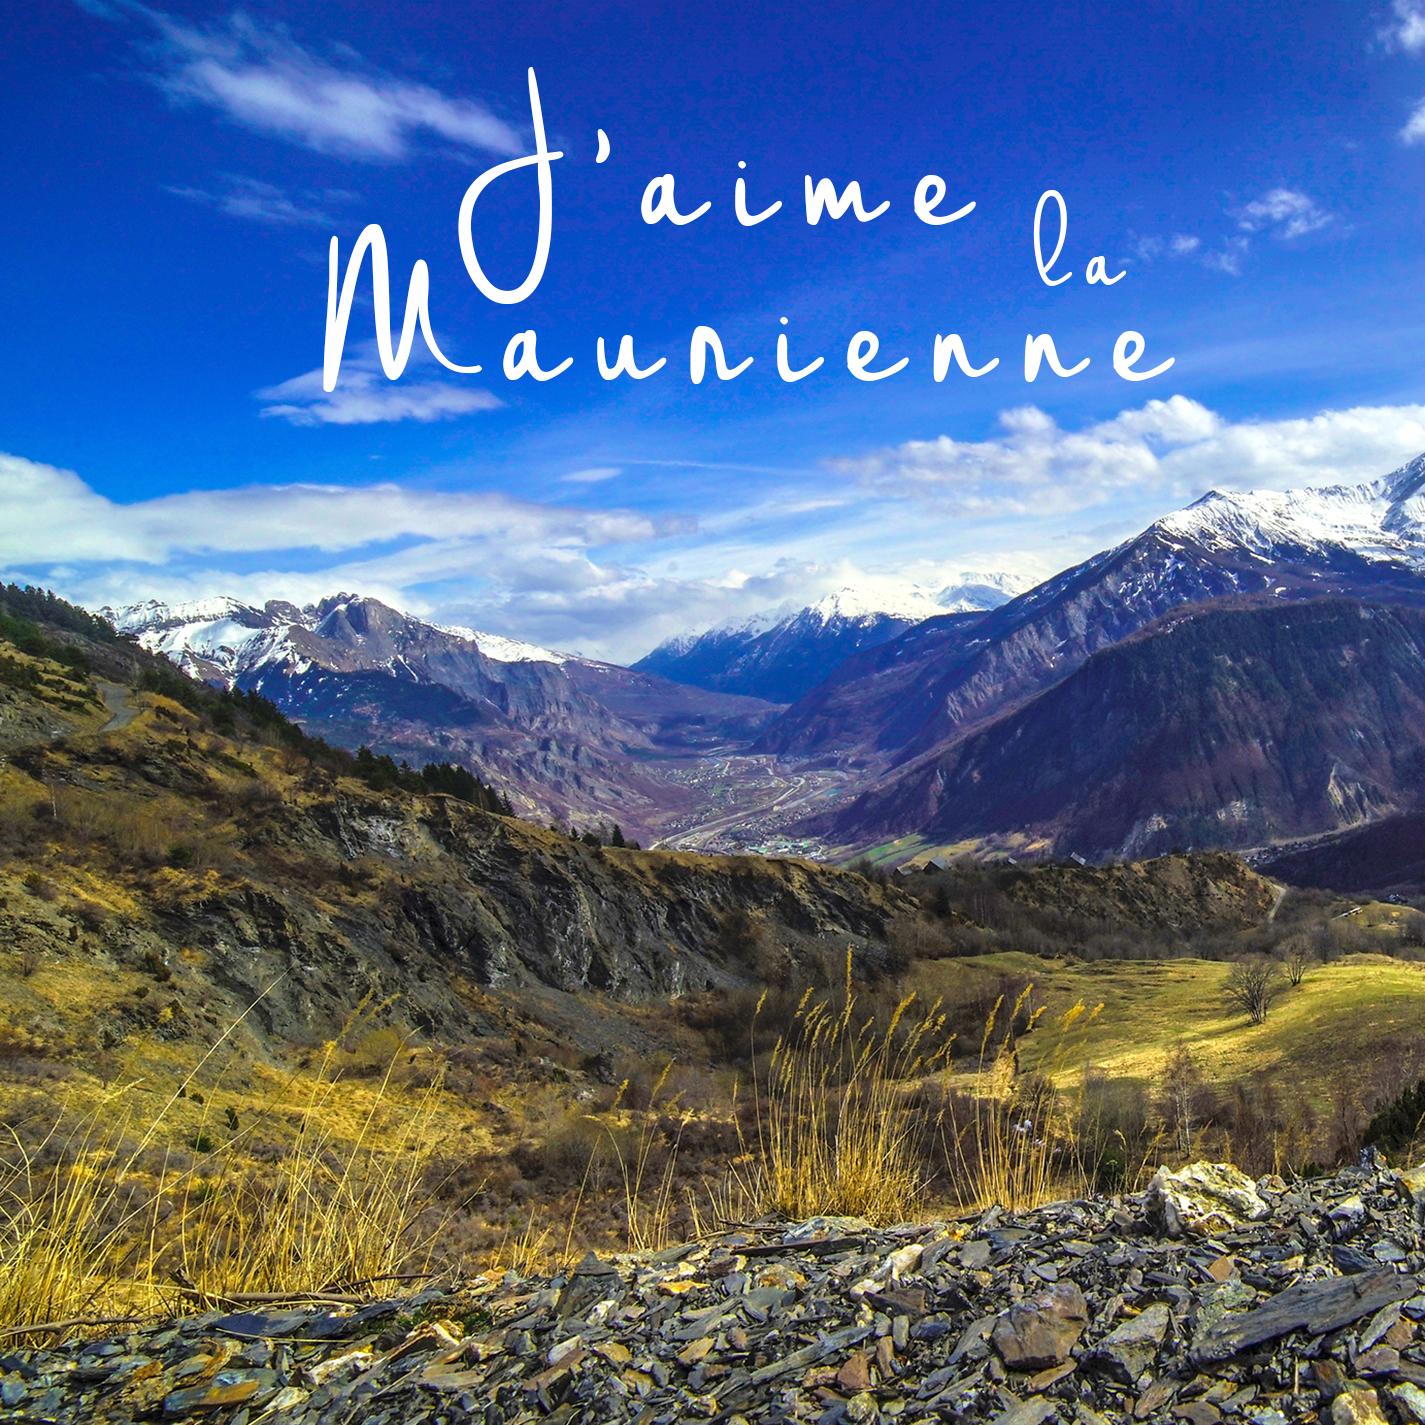 j-aime-la-maurienne-route-note-573